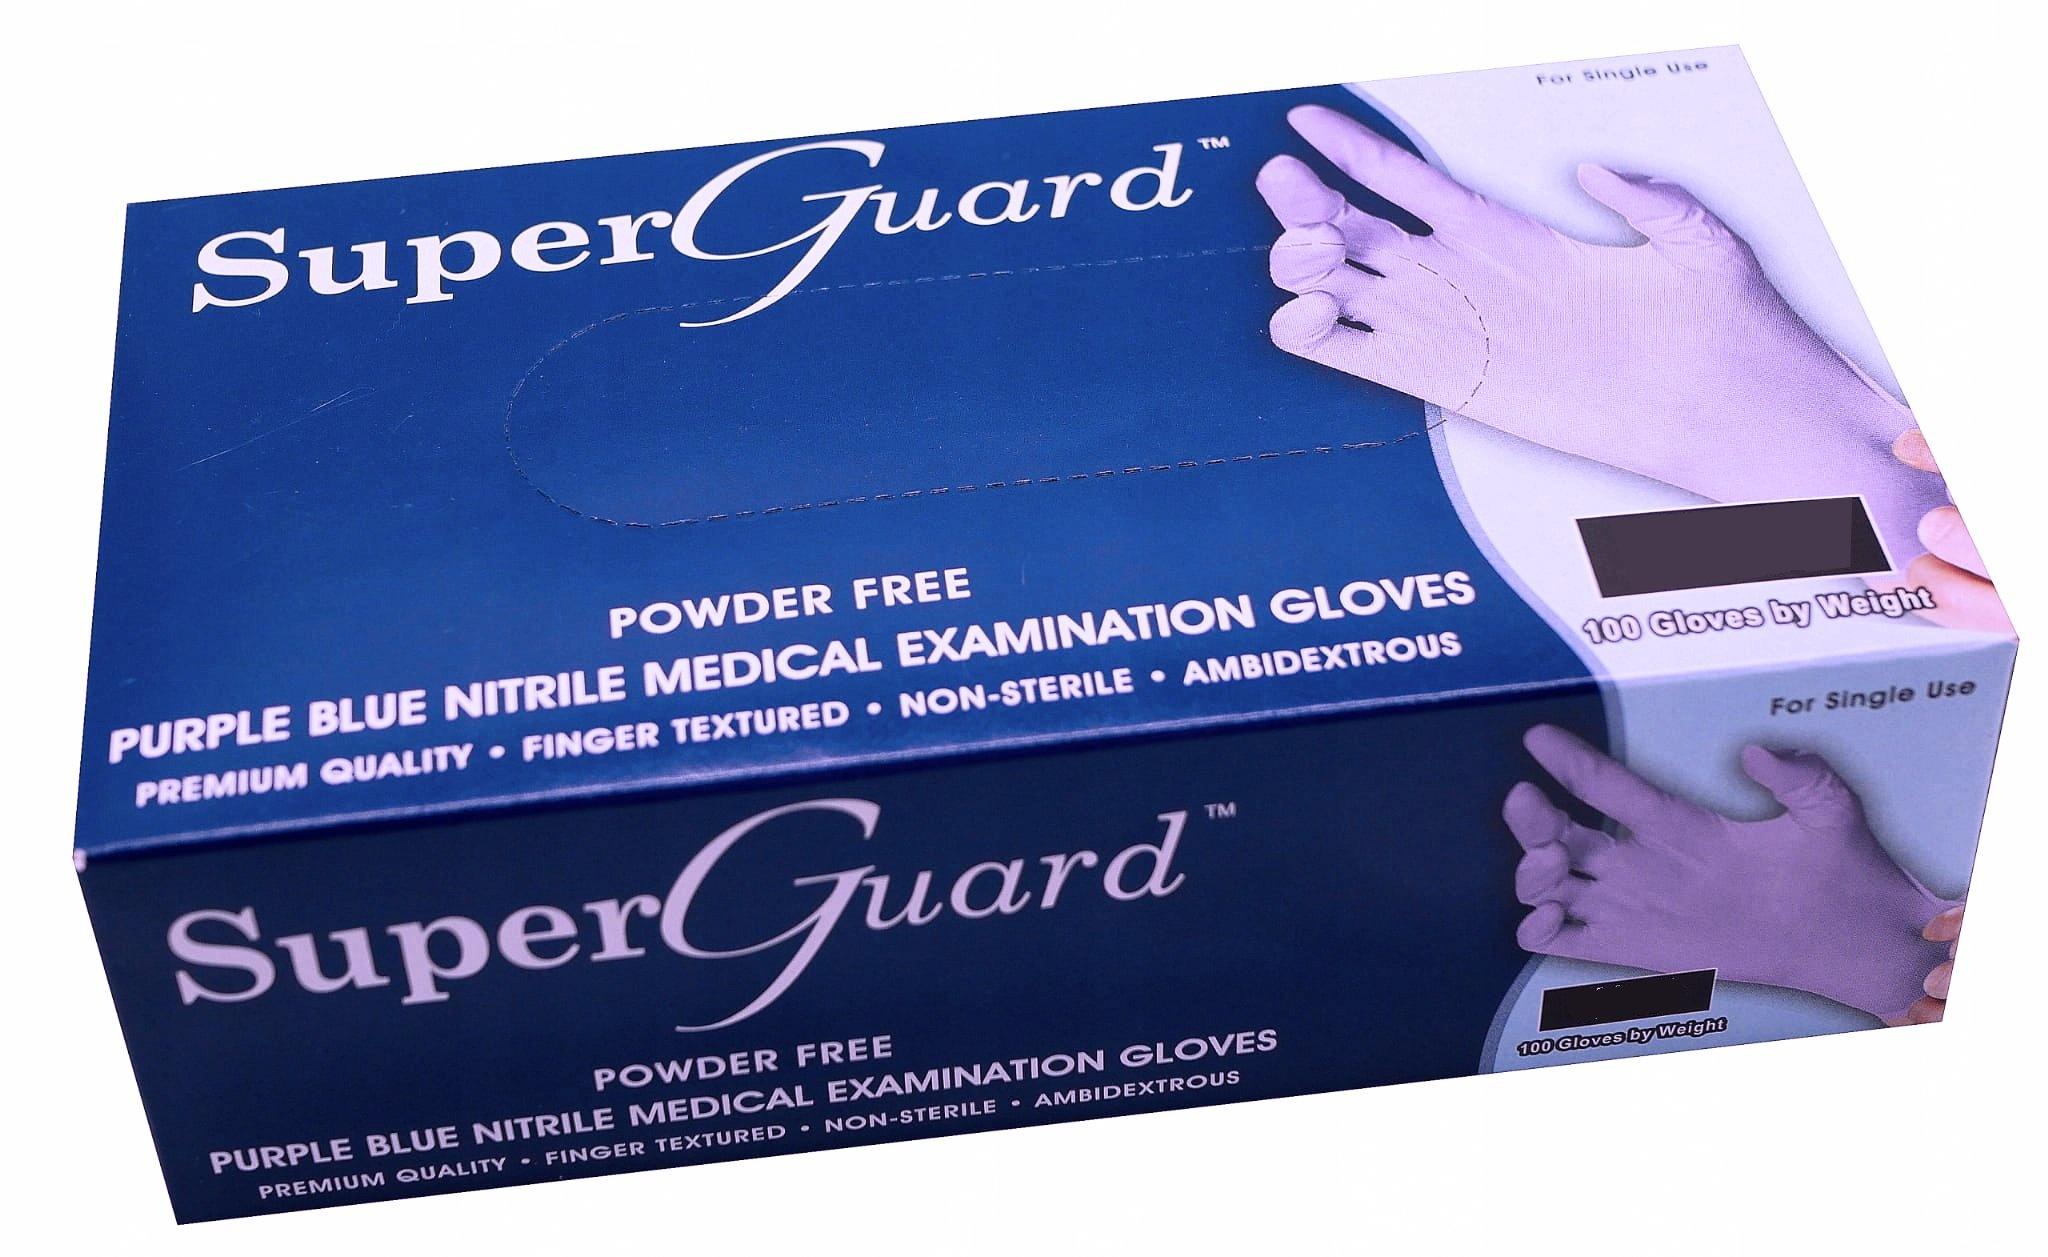 Super Guard - Nitril handschoenen - Paars/blauw - 100 stuks - Large